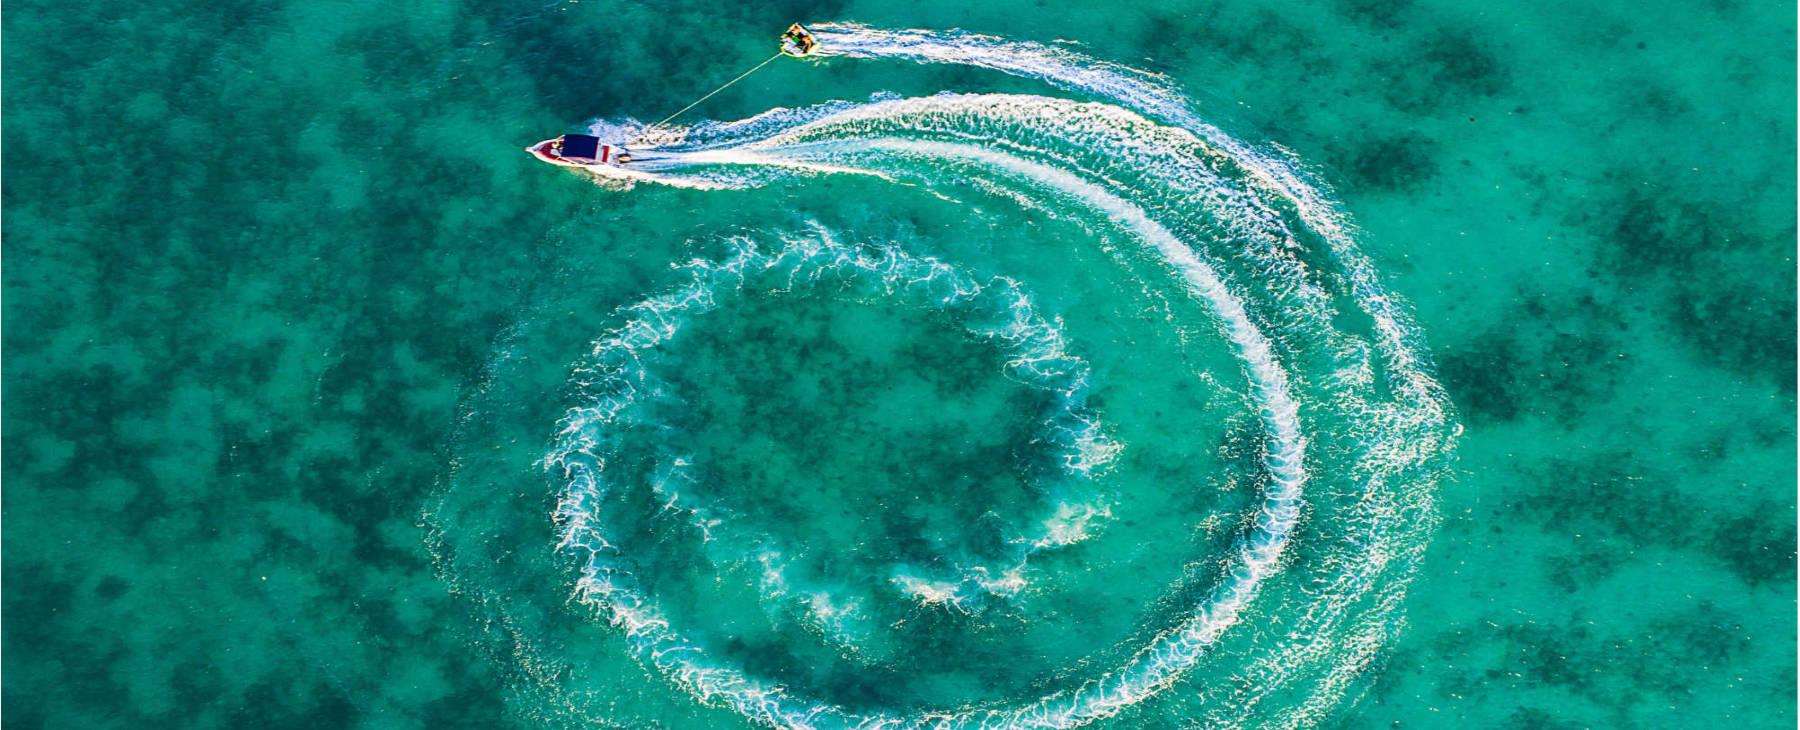 Luxusreise Indischer Ozean_platziert